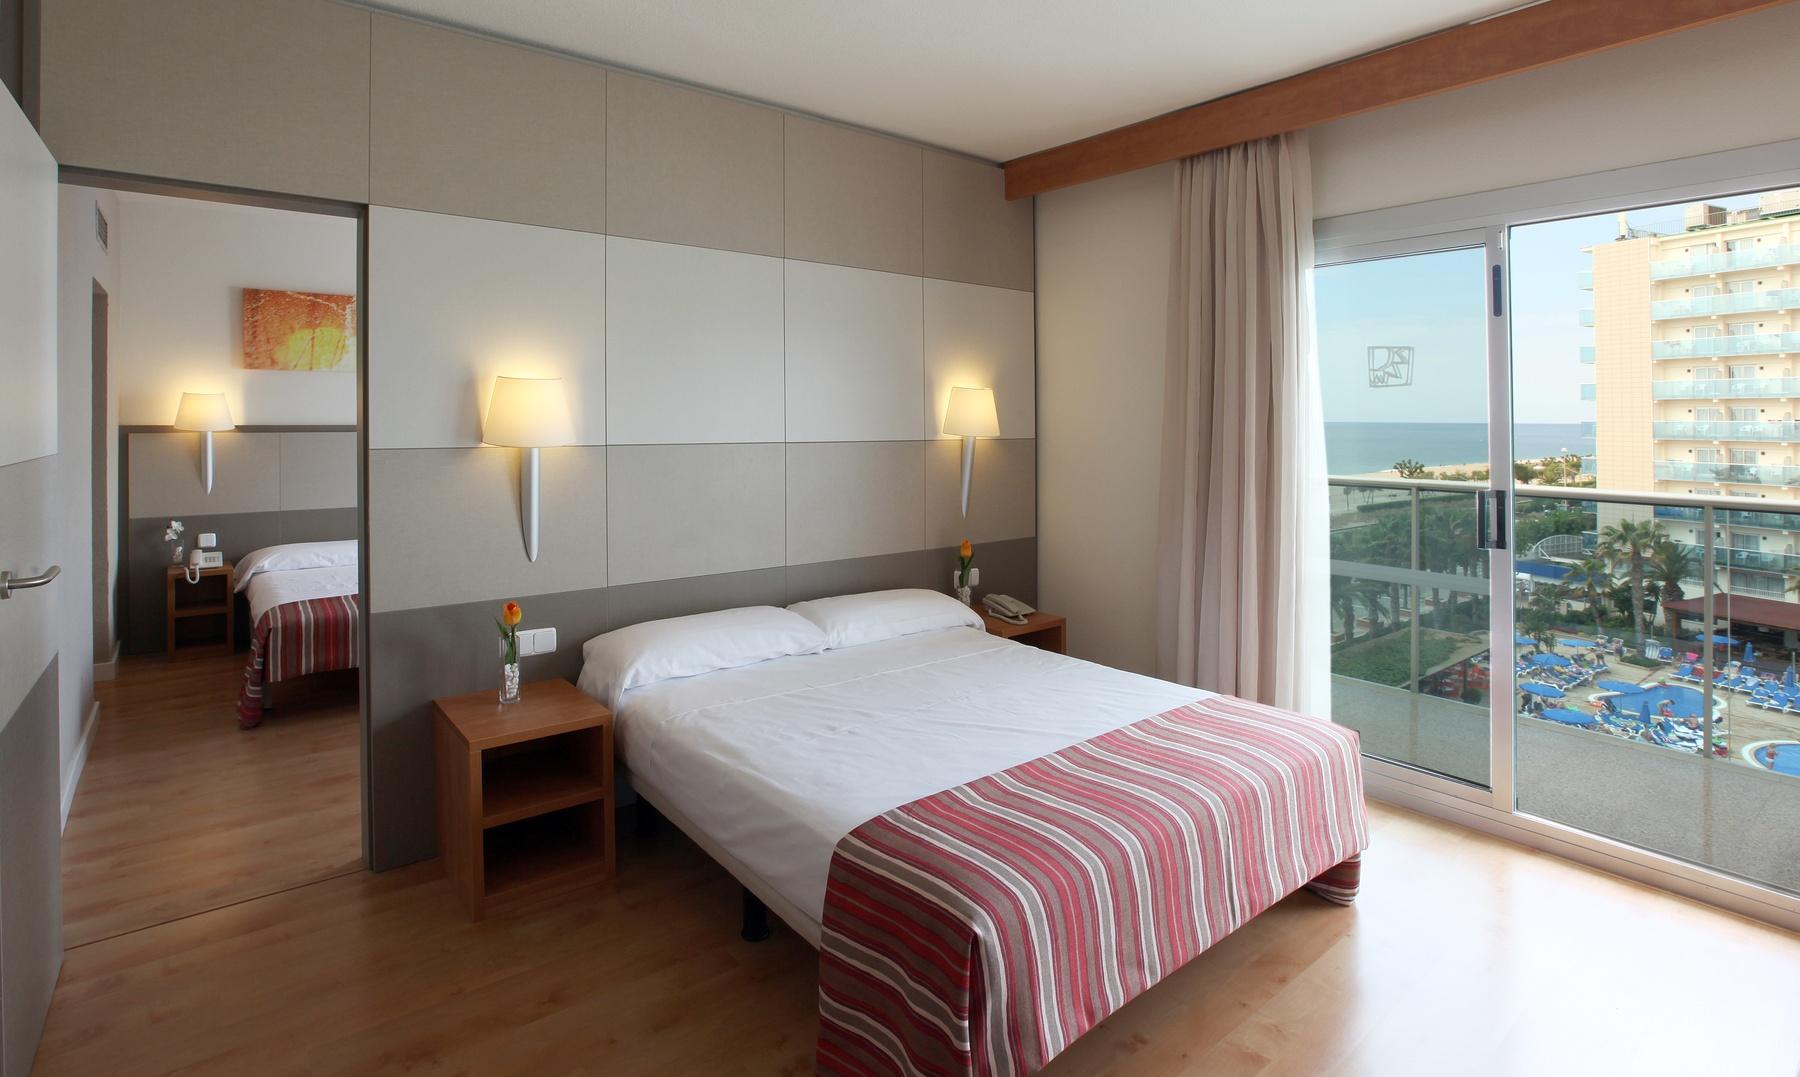 hotels platja habitacions familiars Costa Barcelona piscina